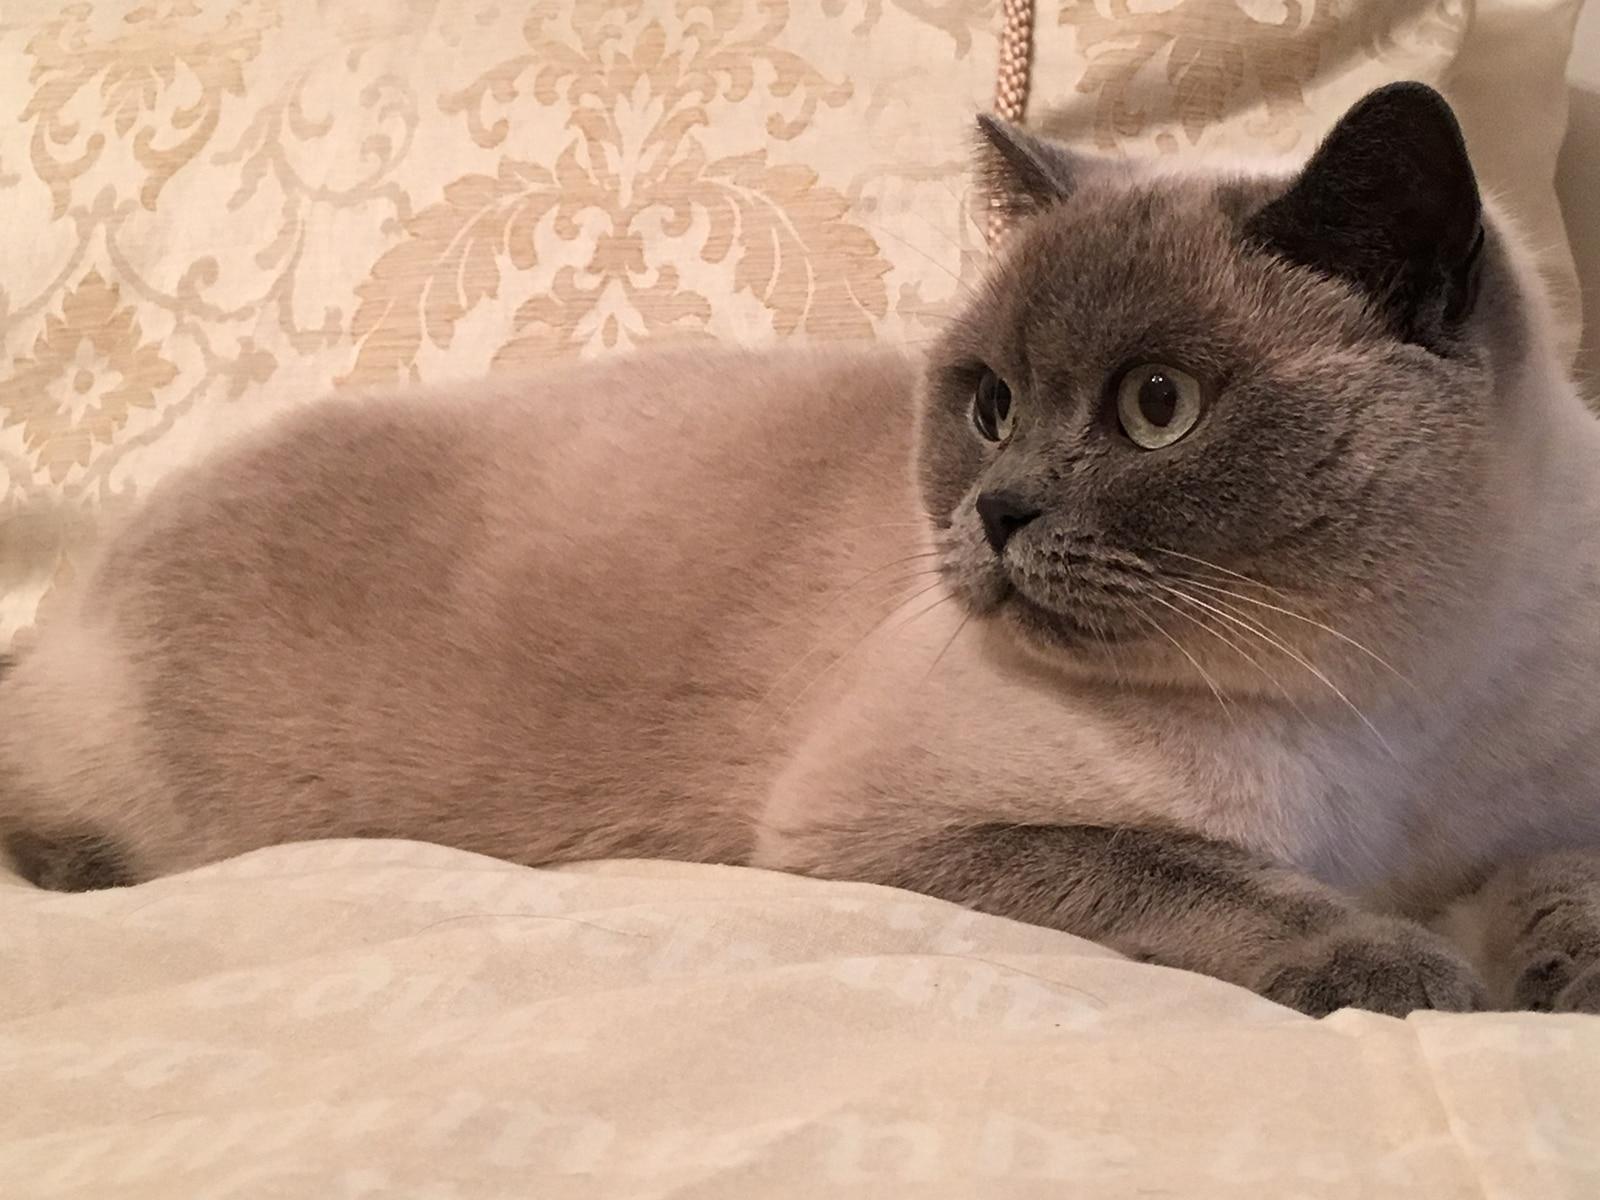 cat care service croydon purley sanderstead